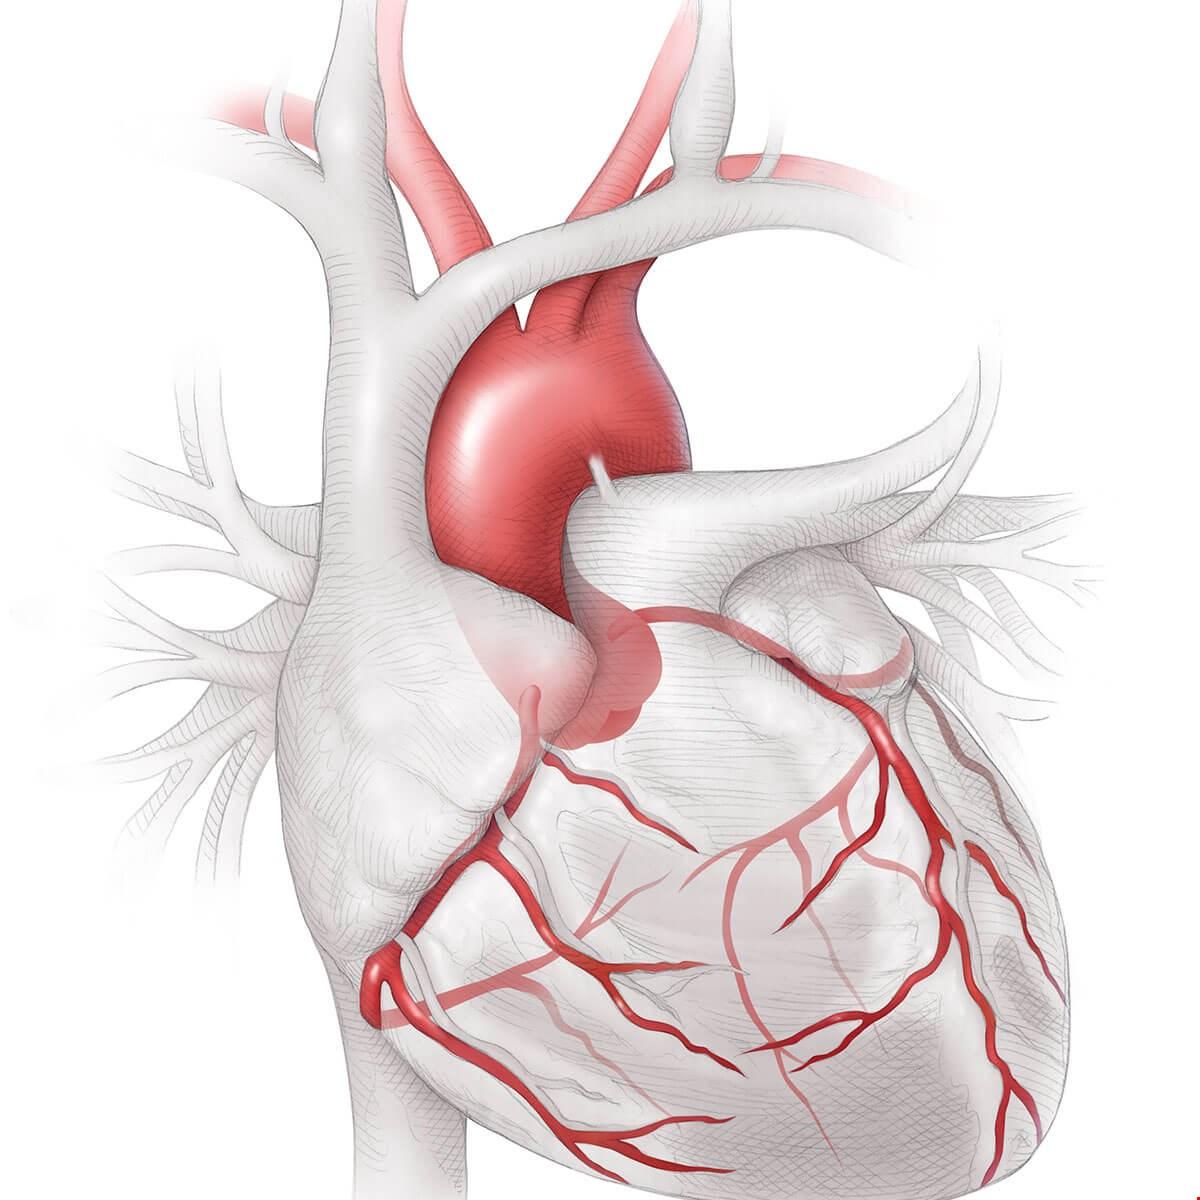 symptomer før hjerteinfarkt